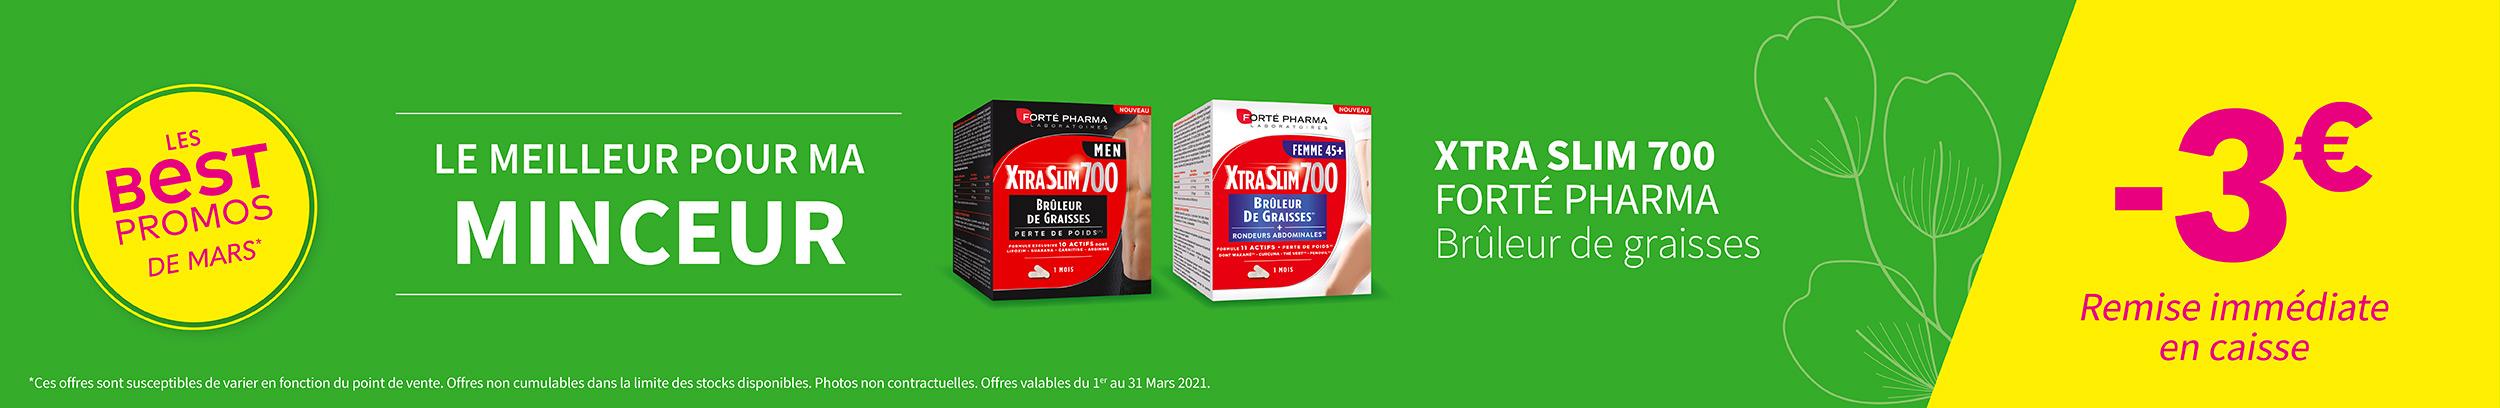 XTRASLIM 700 - FORTÉ PHARMA / Brûleur de graisses